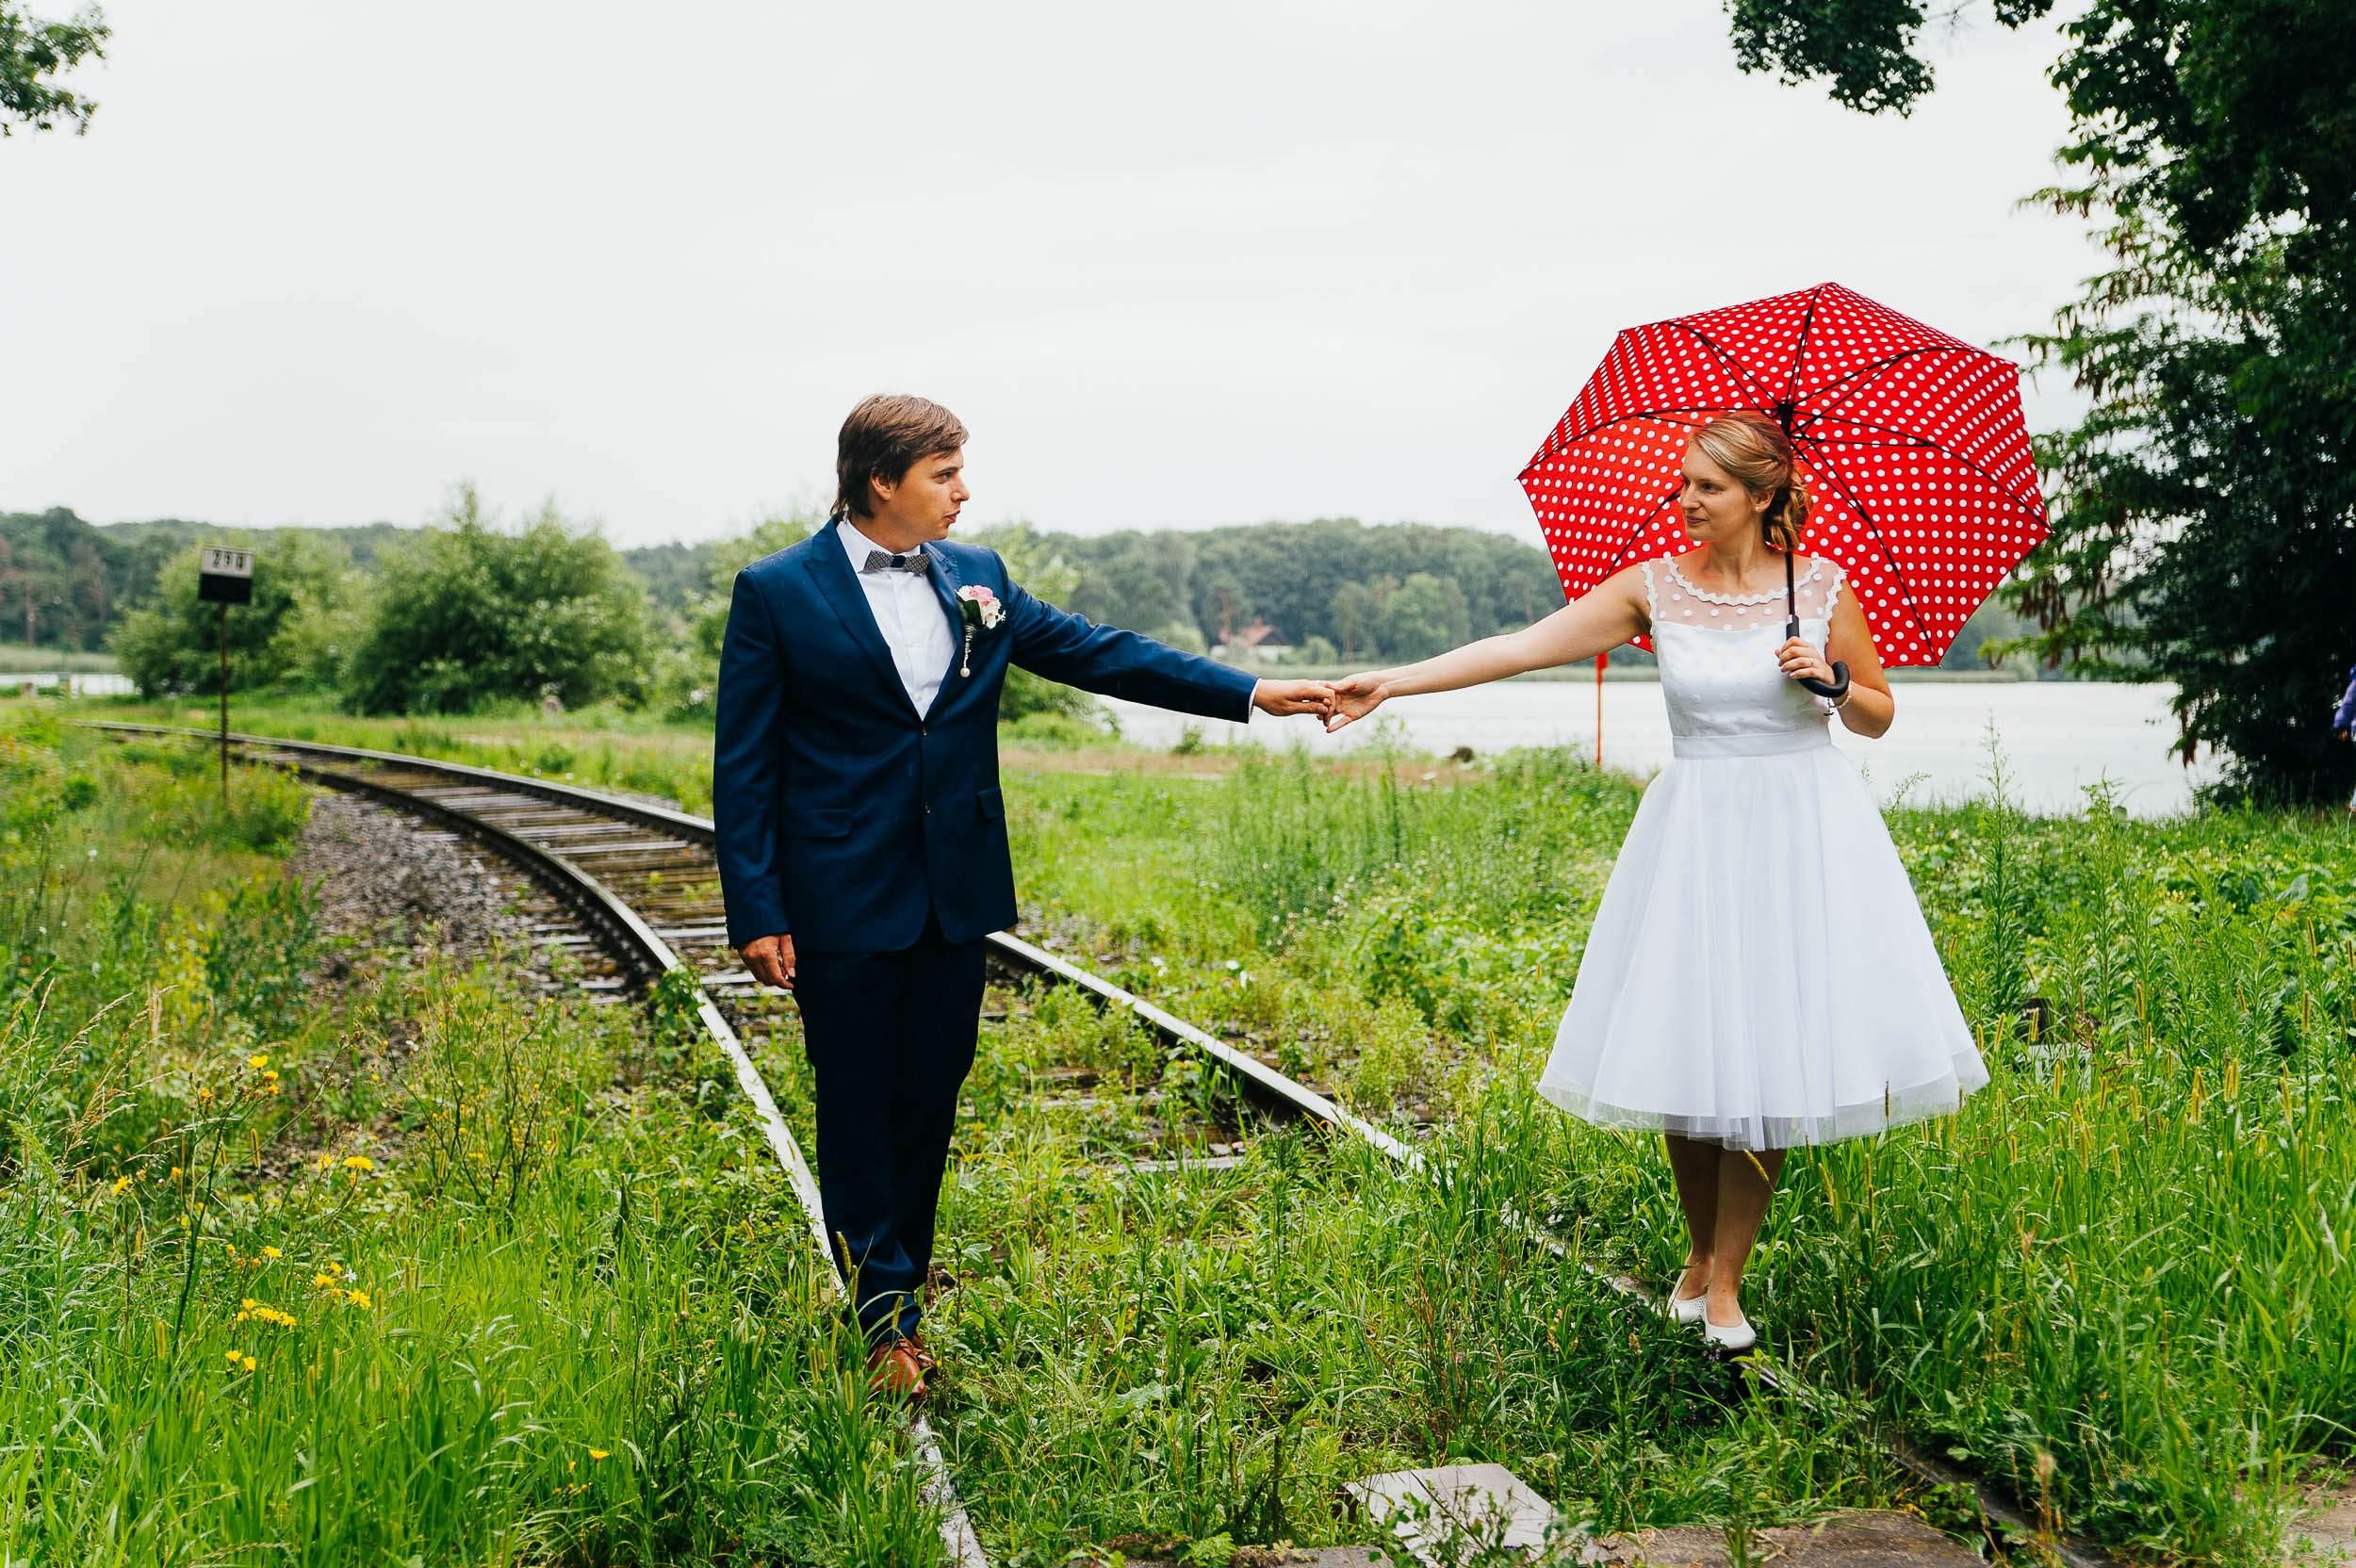 Svatební fotograf, Lednice, Rybniční zámeček, jižní Morava